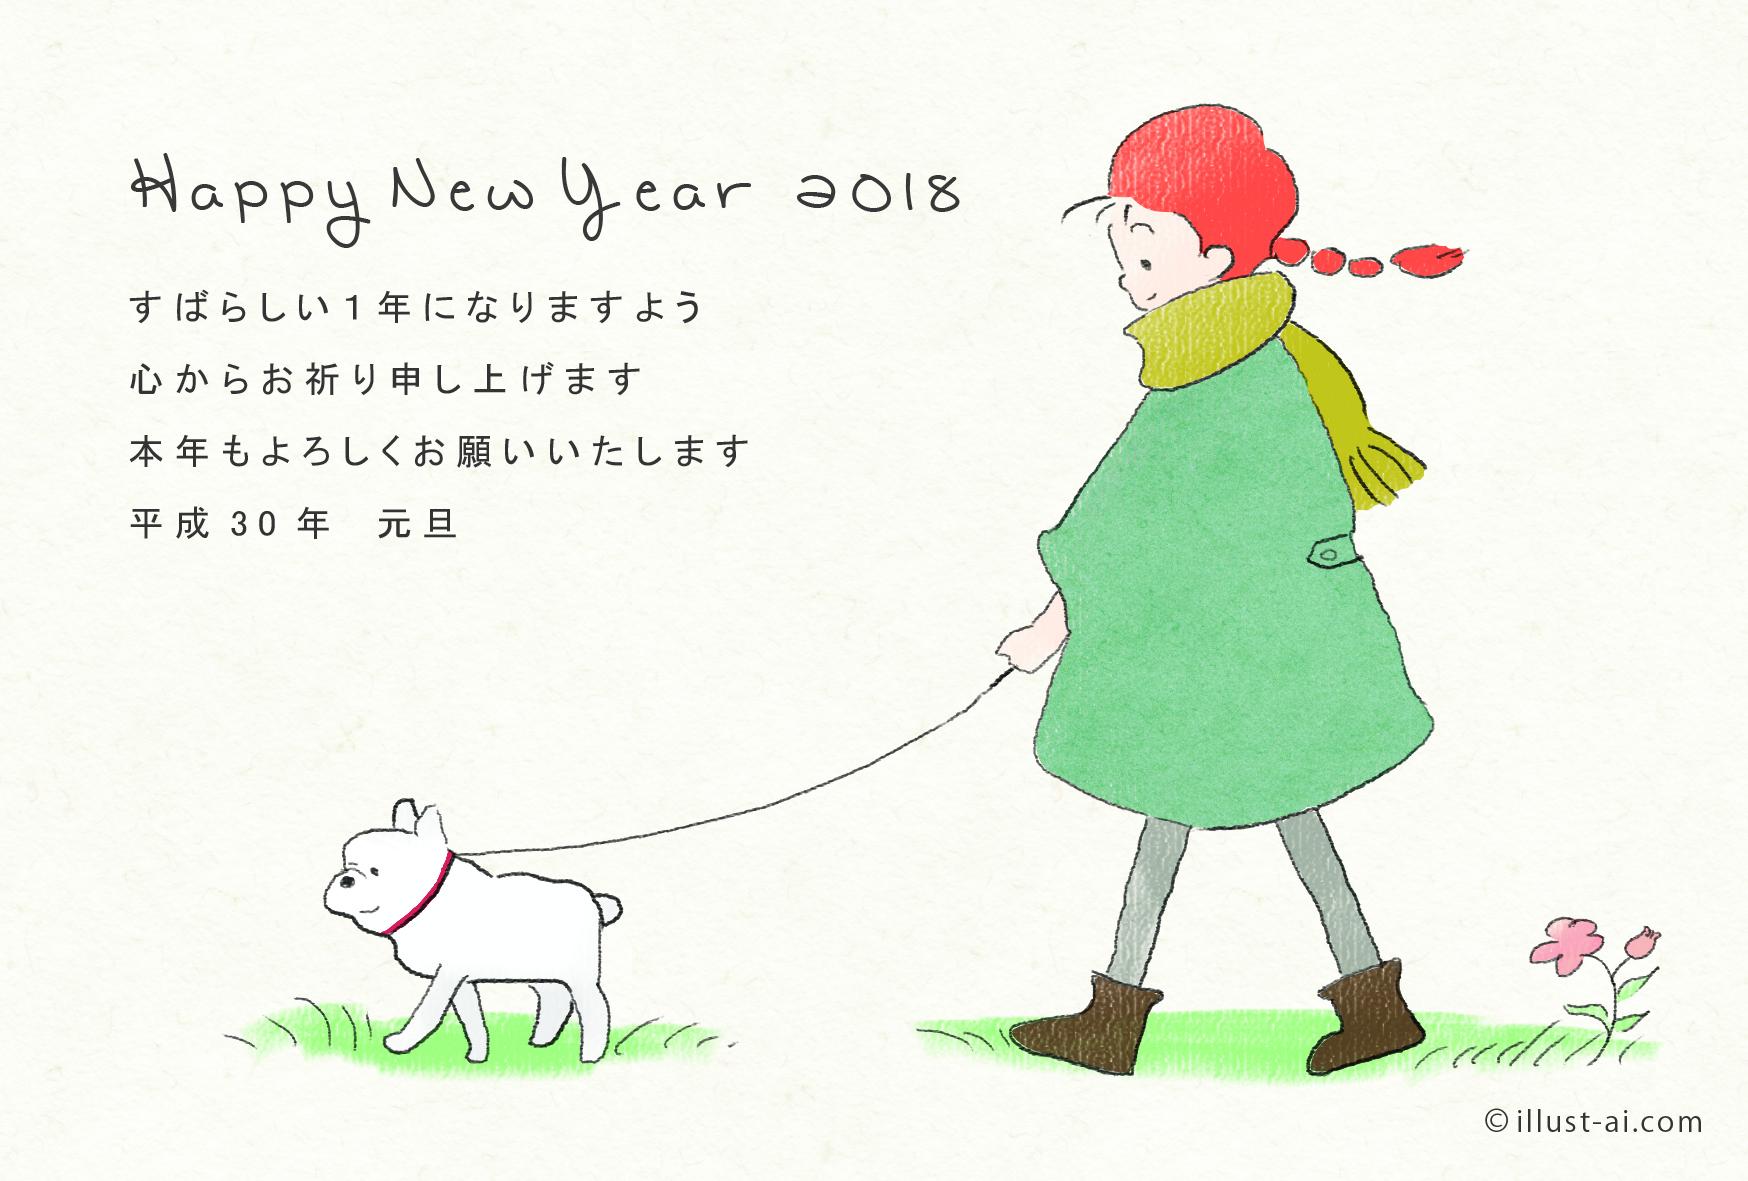 年賀状 戌年 ほっこりする犬を散歩する少女 年賀状18無料イラスト素材集